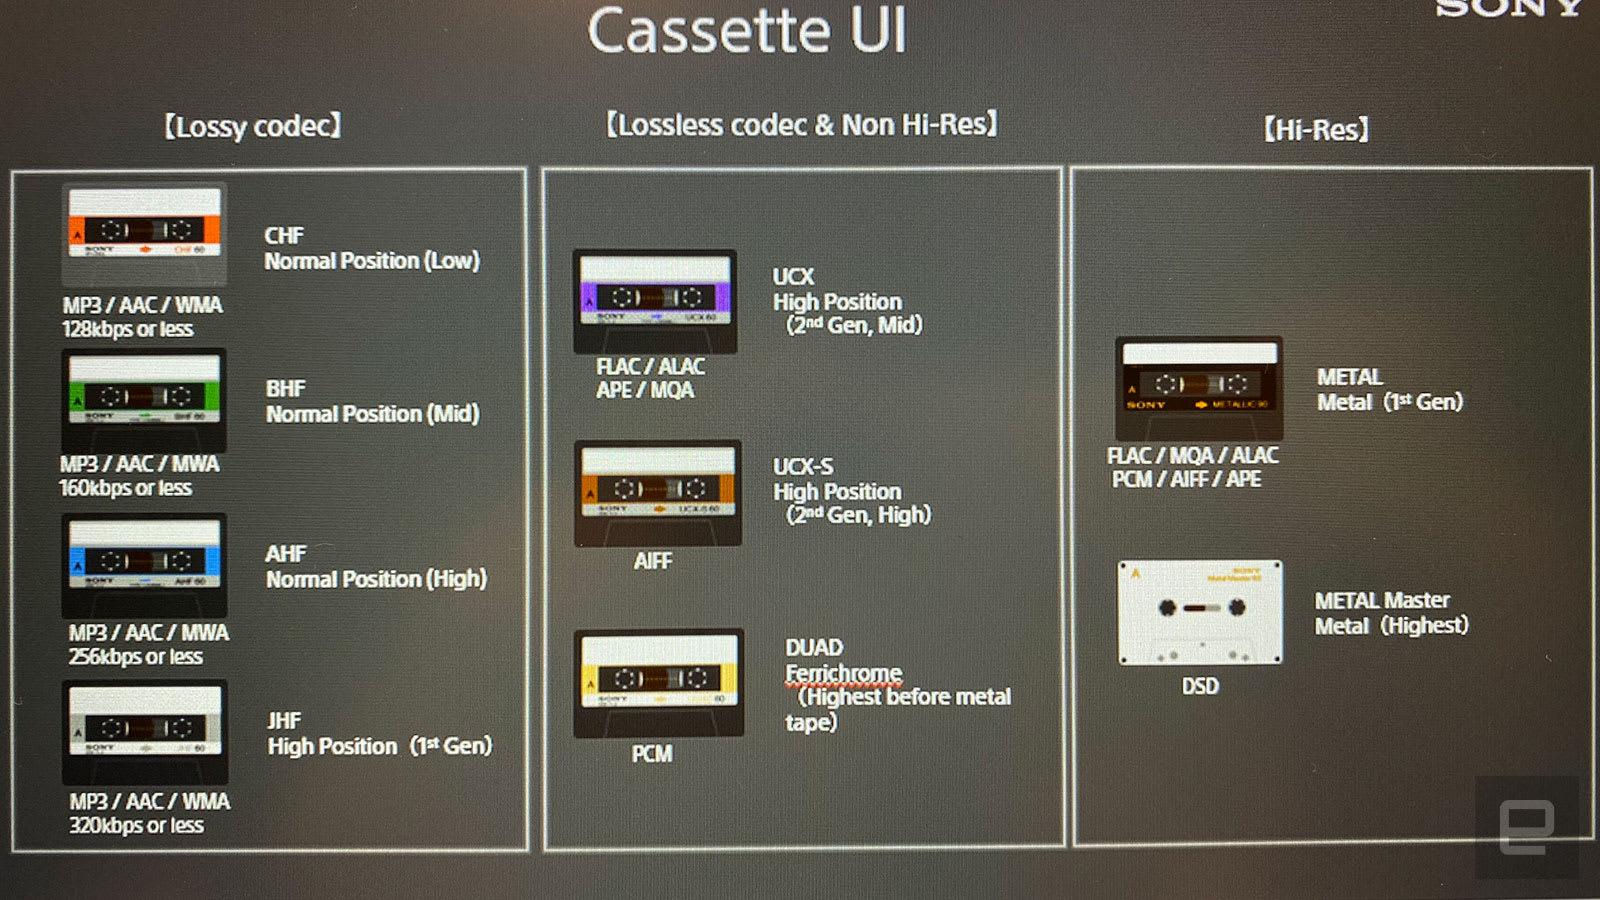 Sony Walkman Cassette UI